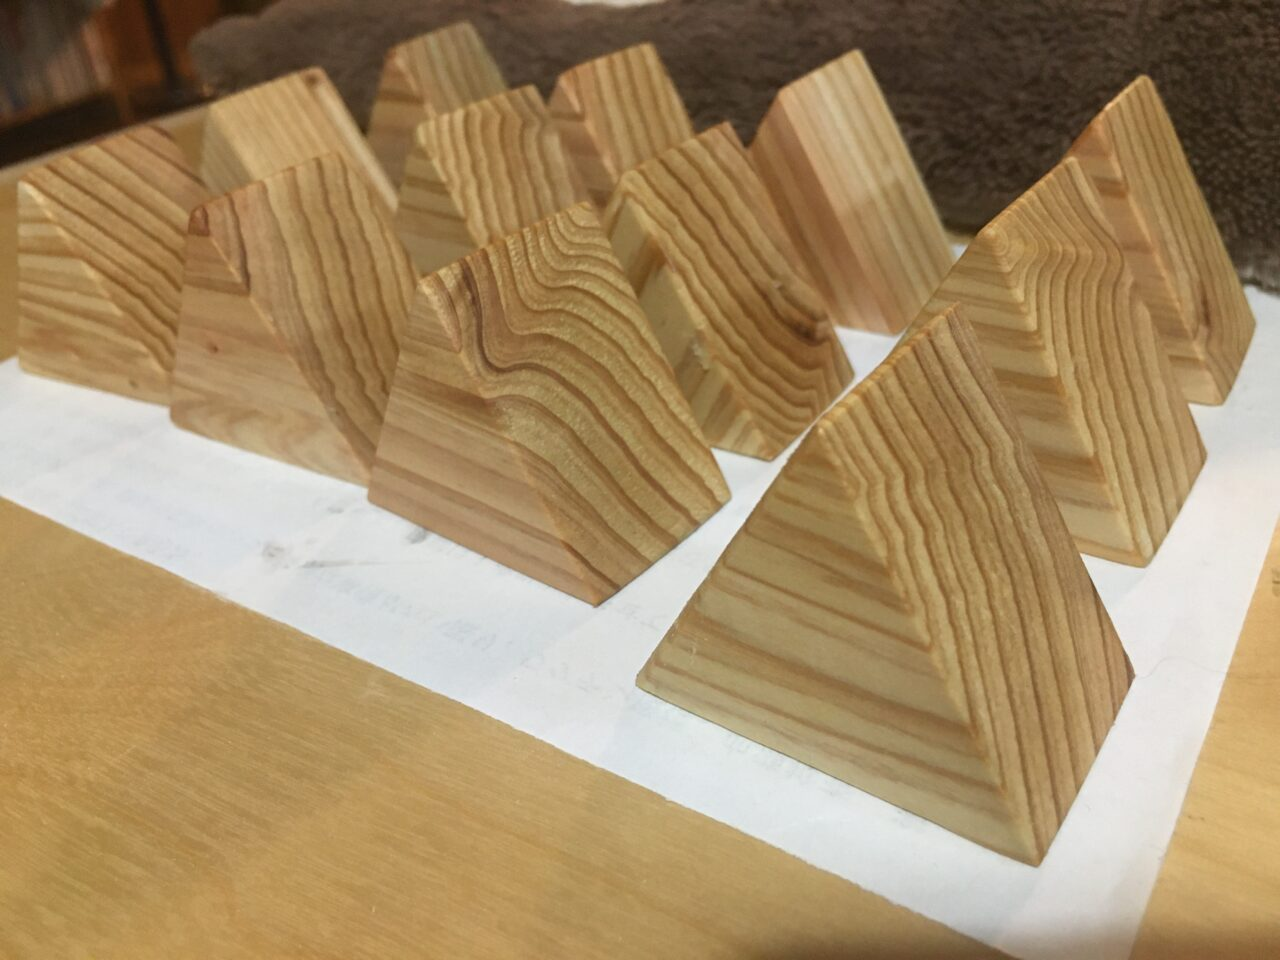 三角形の木製アクセスタンド(杉バージョン)